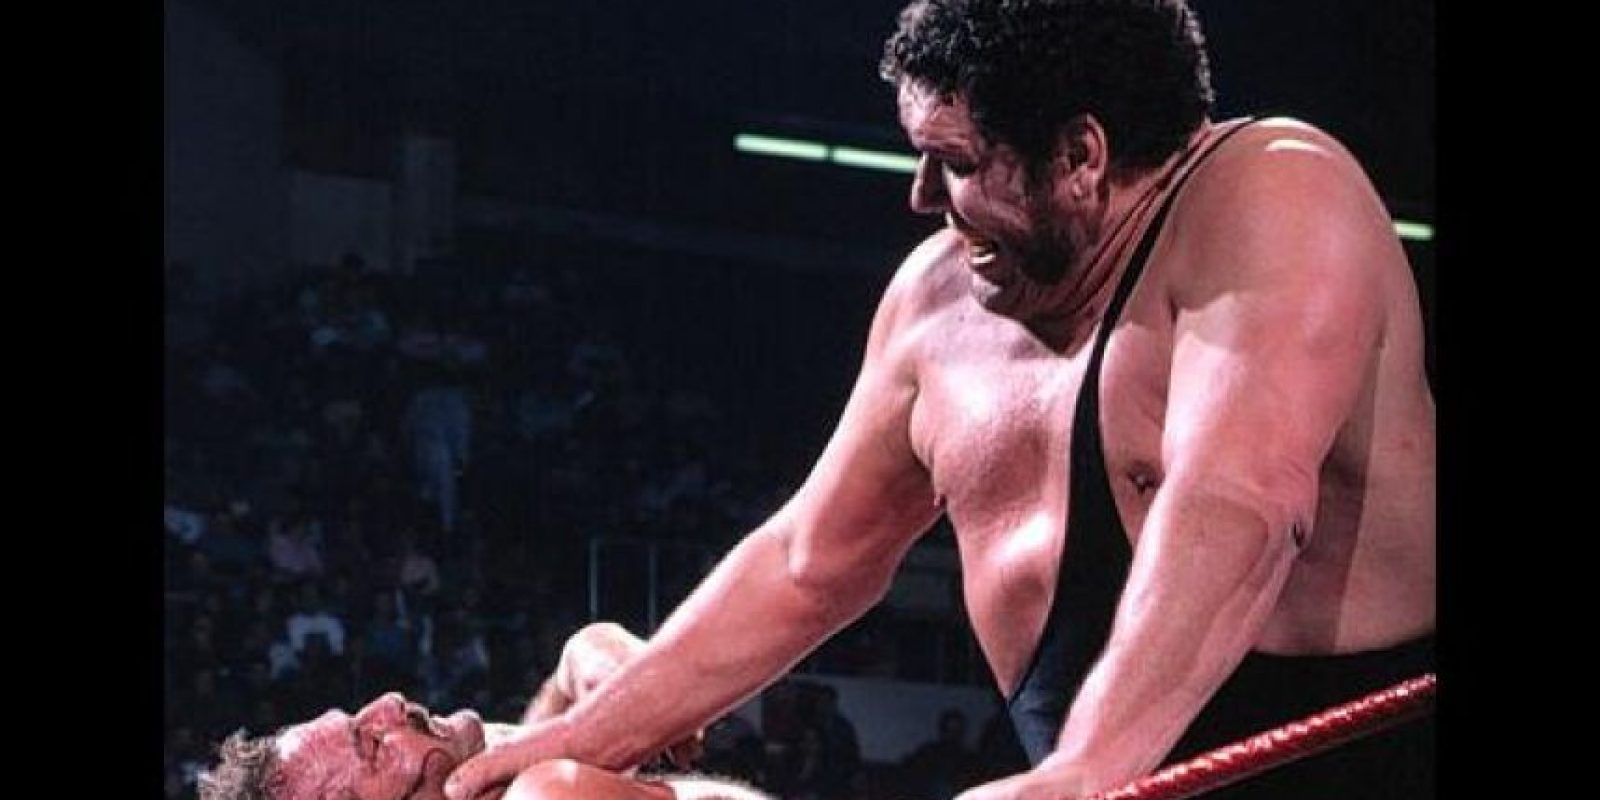 Uno de los gigantes más populares de la industria falleció el 27 de enero de 1993 a los 64 años, víctima de una insuficiencia cardiaca Foto:WWE